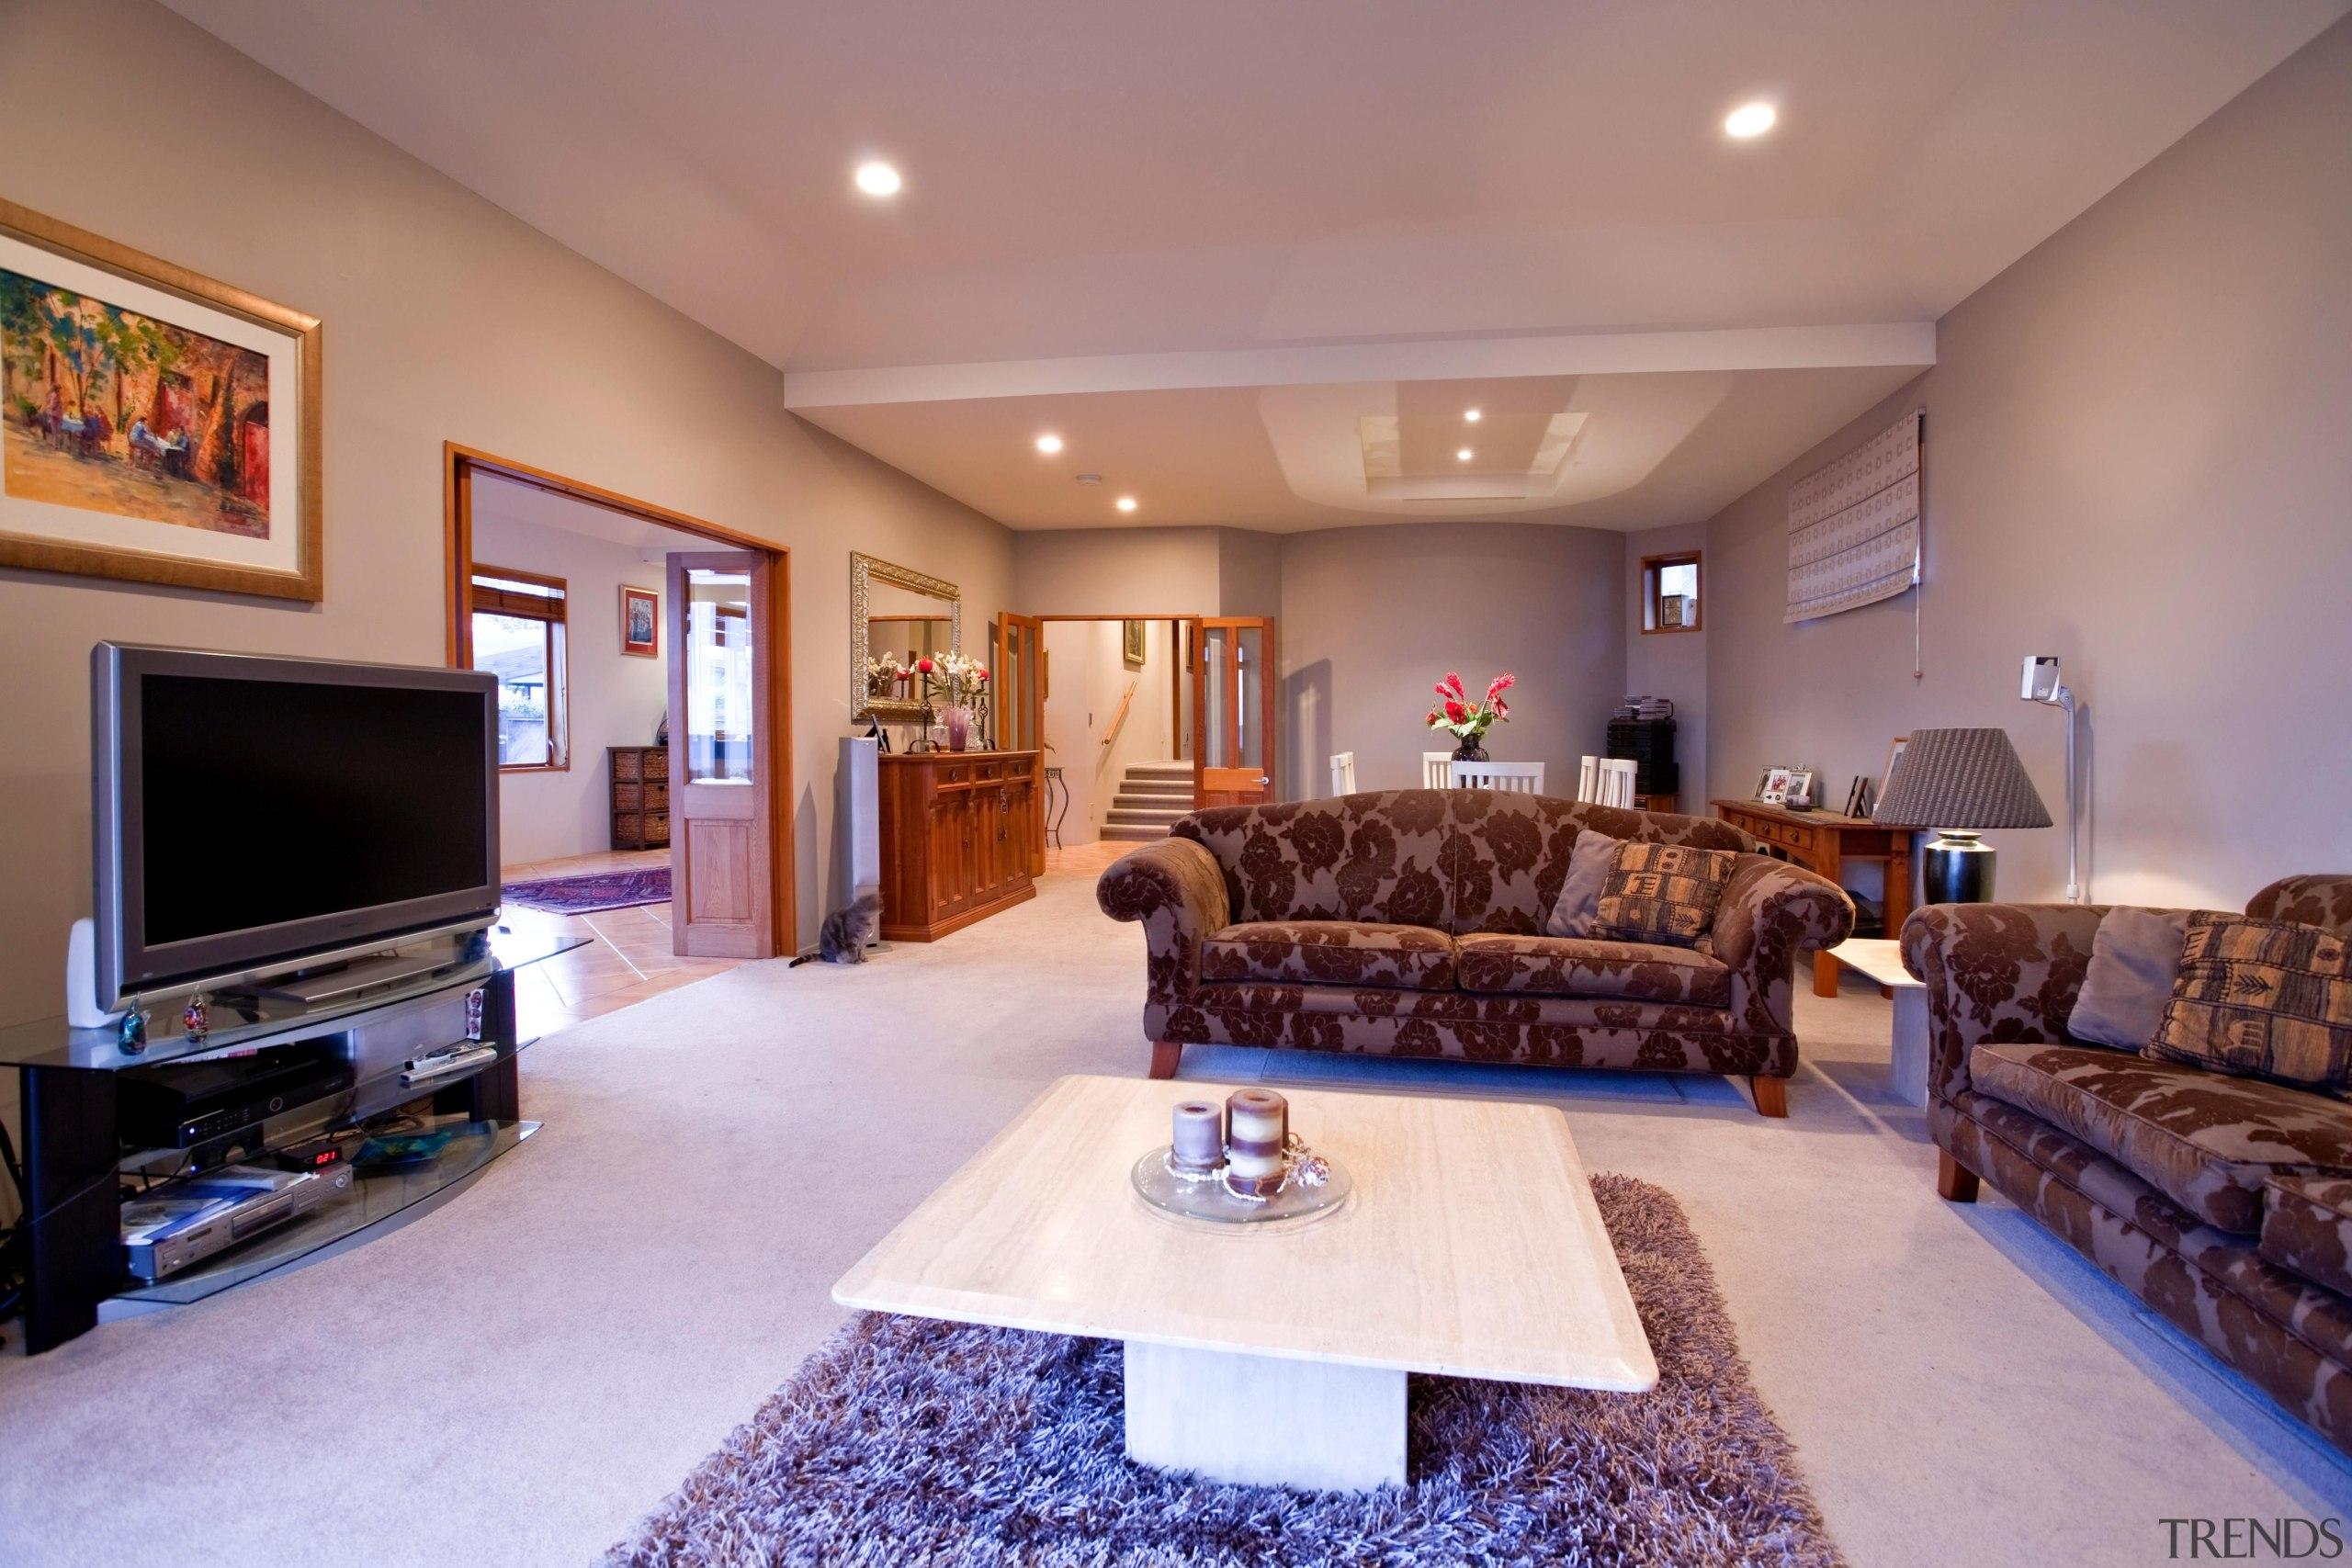 Living - ceiling | estate | home | ceiling, estate, home, interior design, living room, property, real estate, room, red